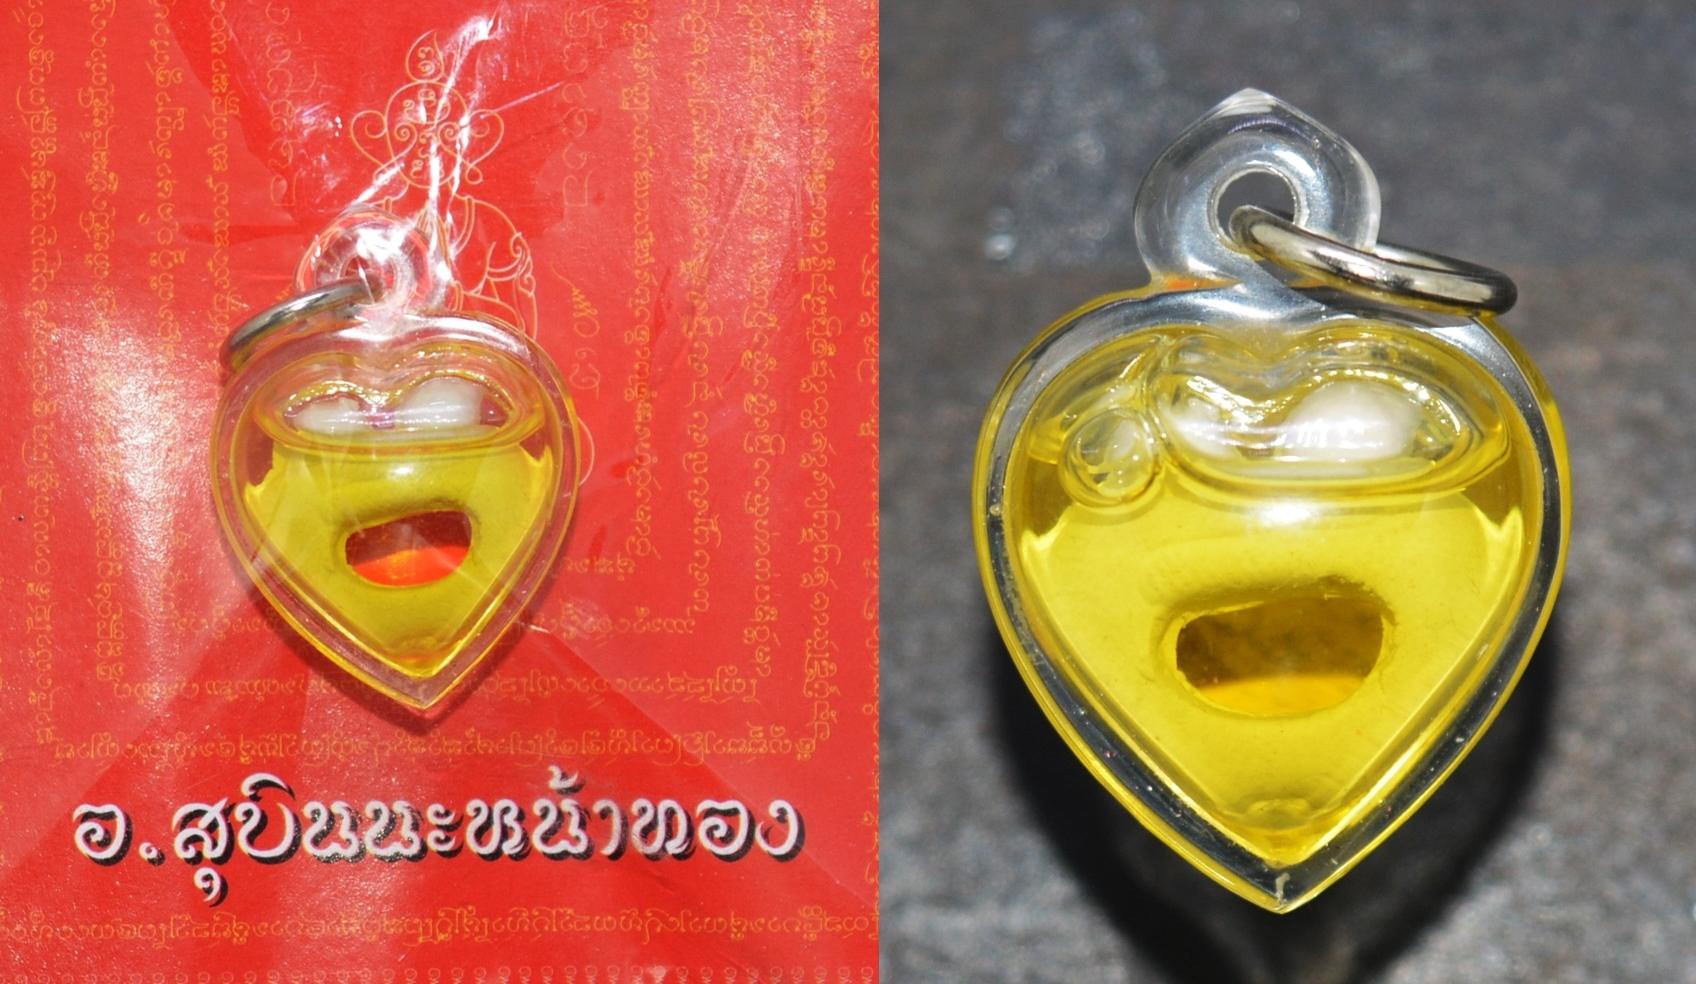 อิ่นคู่ดอกทอง เนื้อผงเสน่ห์สีขาว เลี่ยมน้ำมันม้าเสพนาง อาจารย์สุบิน นะหน้าทอง 2558 ขนาด 1.9*1.8 ซม